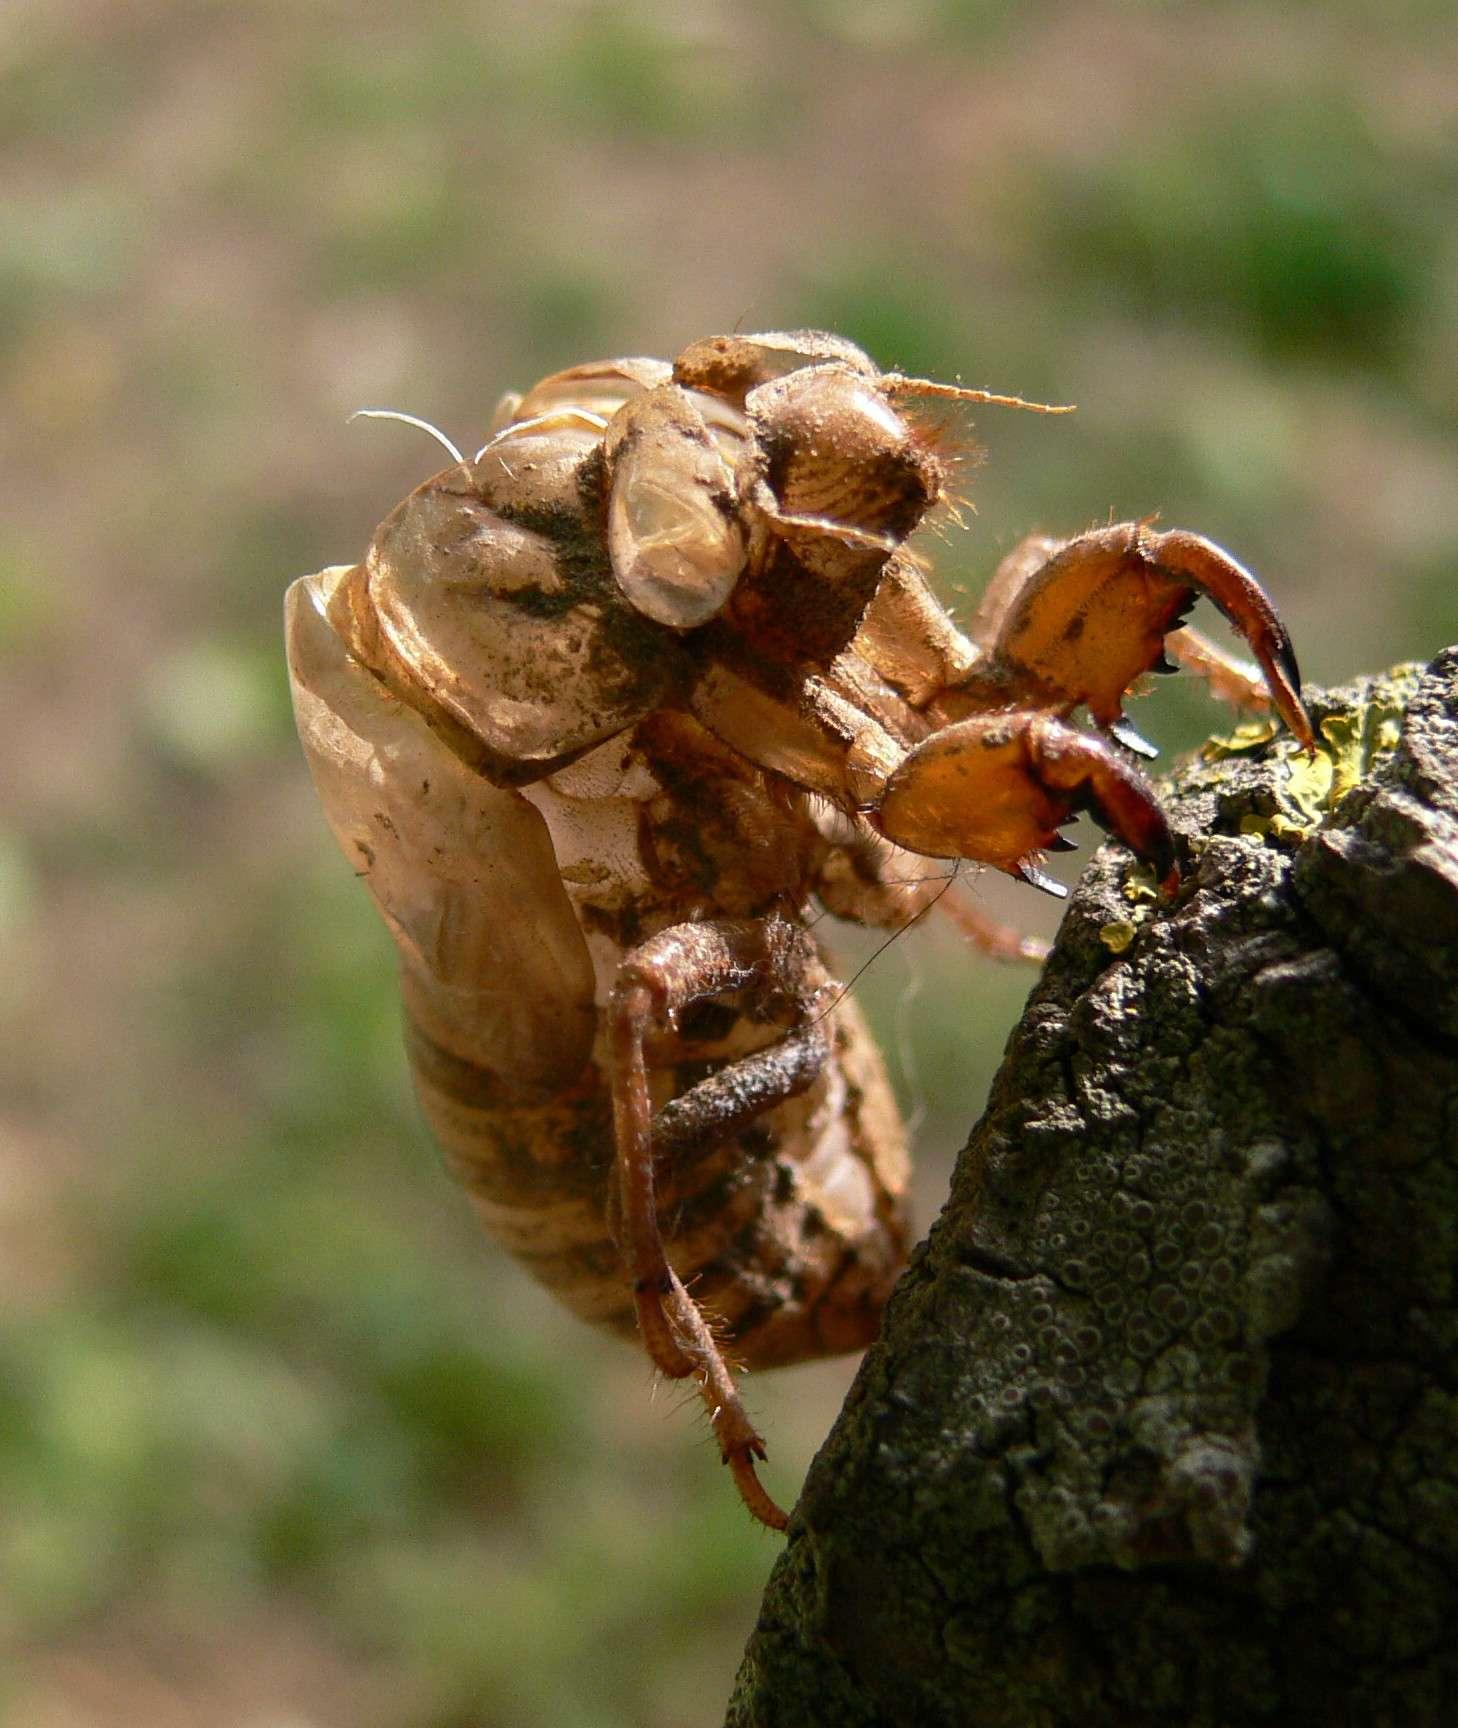 La famille des cigales comporte deux espèces en France, Lyriste plebejus (photo ci-dessus) et Cicada omi. © Jodelet Lépinay, Wikimedia Commons, cc by sa 2.5